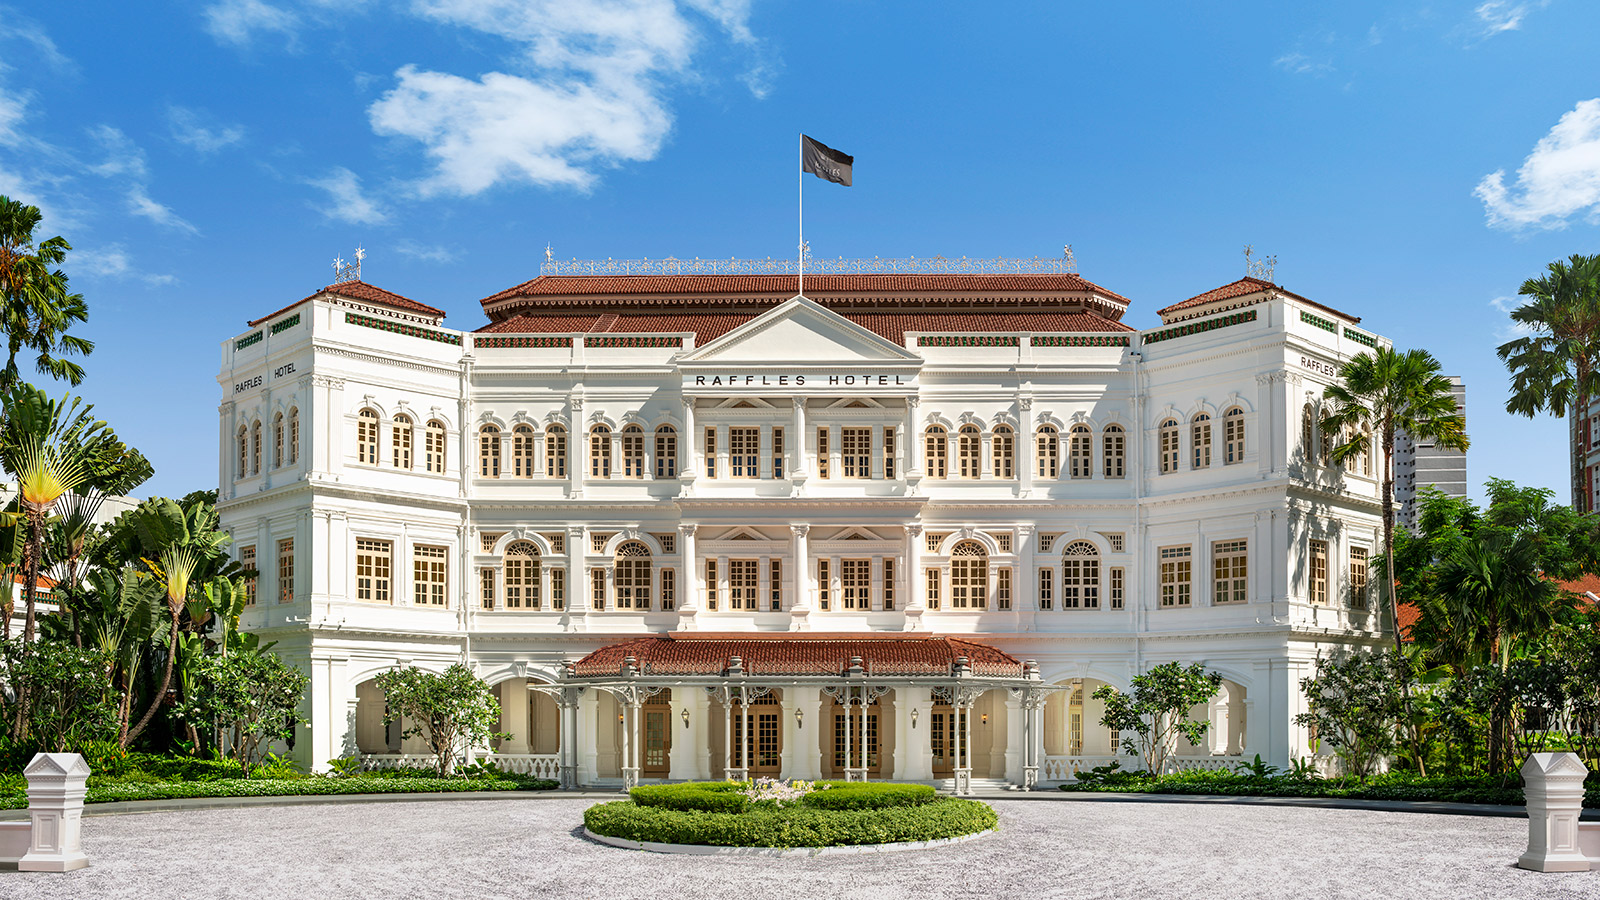 新加坡莱佛士酒店正面